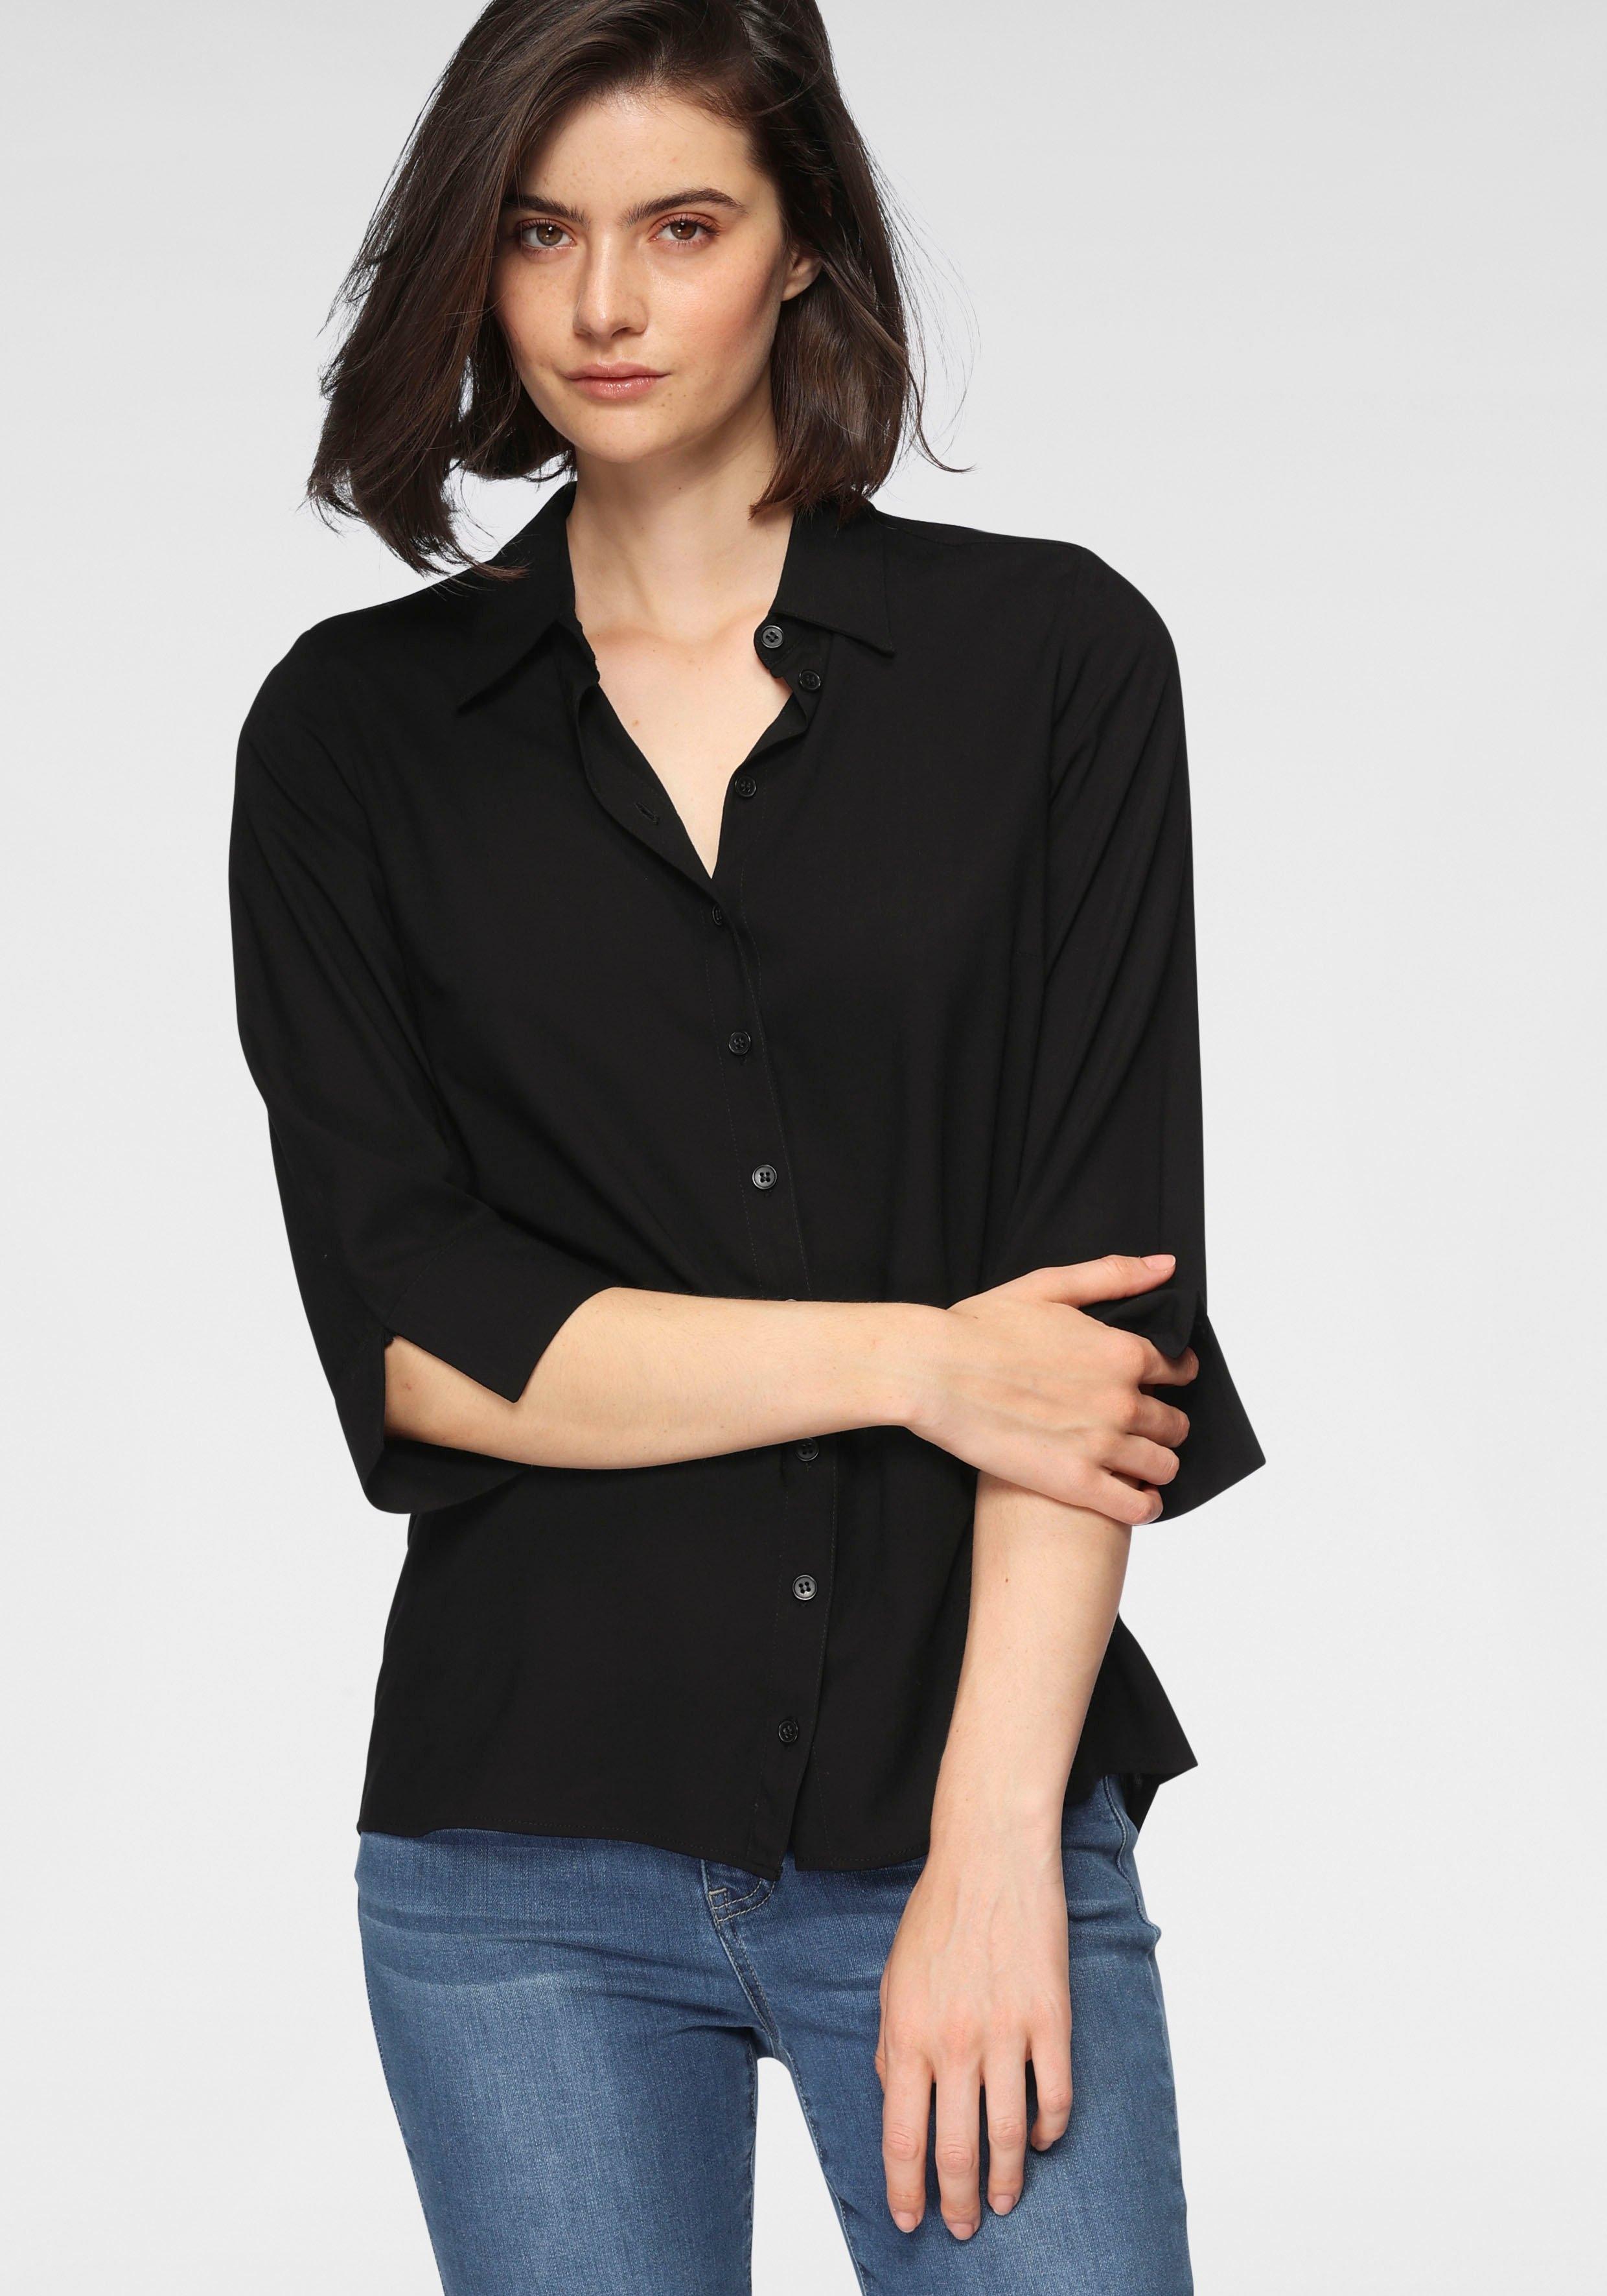 OTTO products klassieke blouse duurzaam van zachte lenzing™ ecovero™-viscose bestellen: 30 dagen bedenktijd